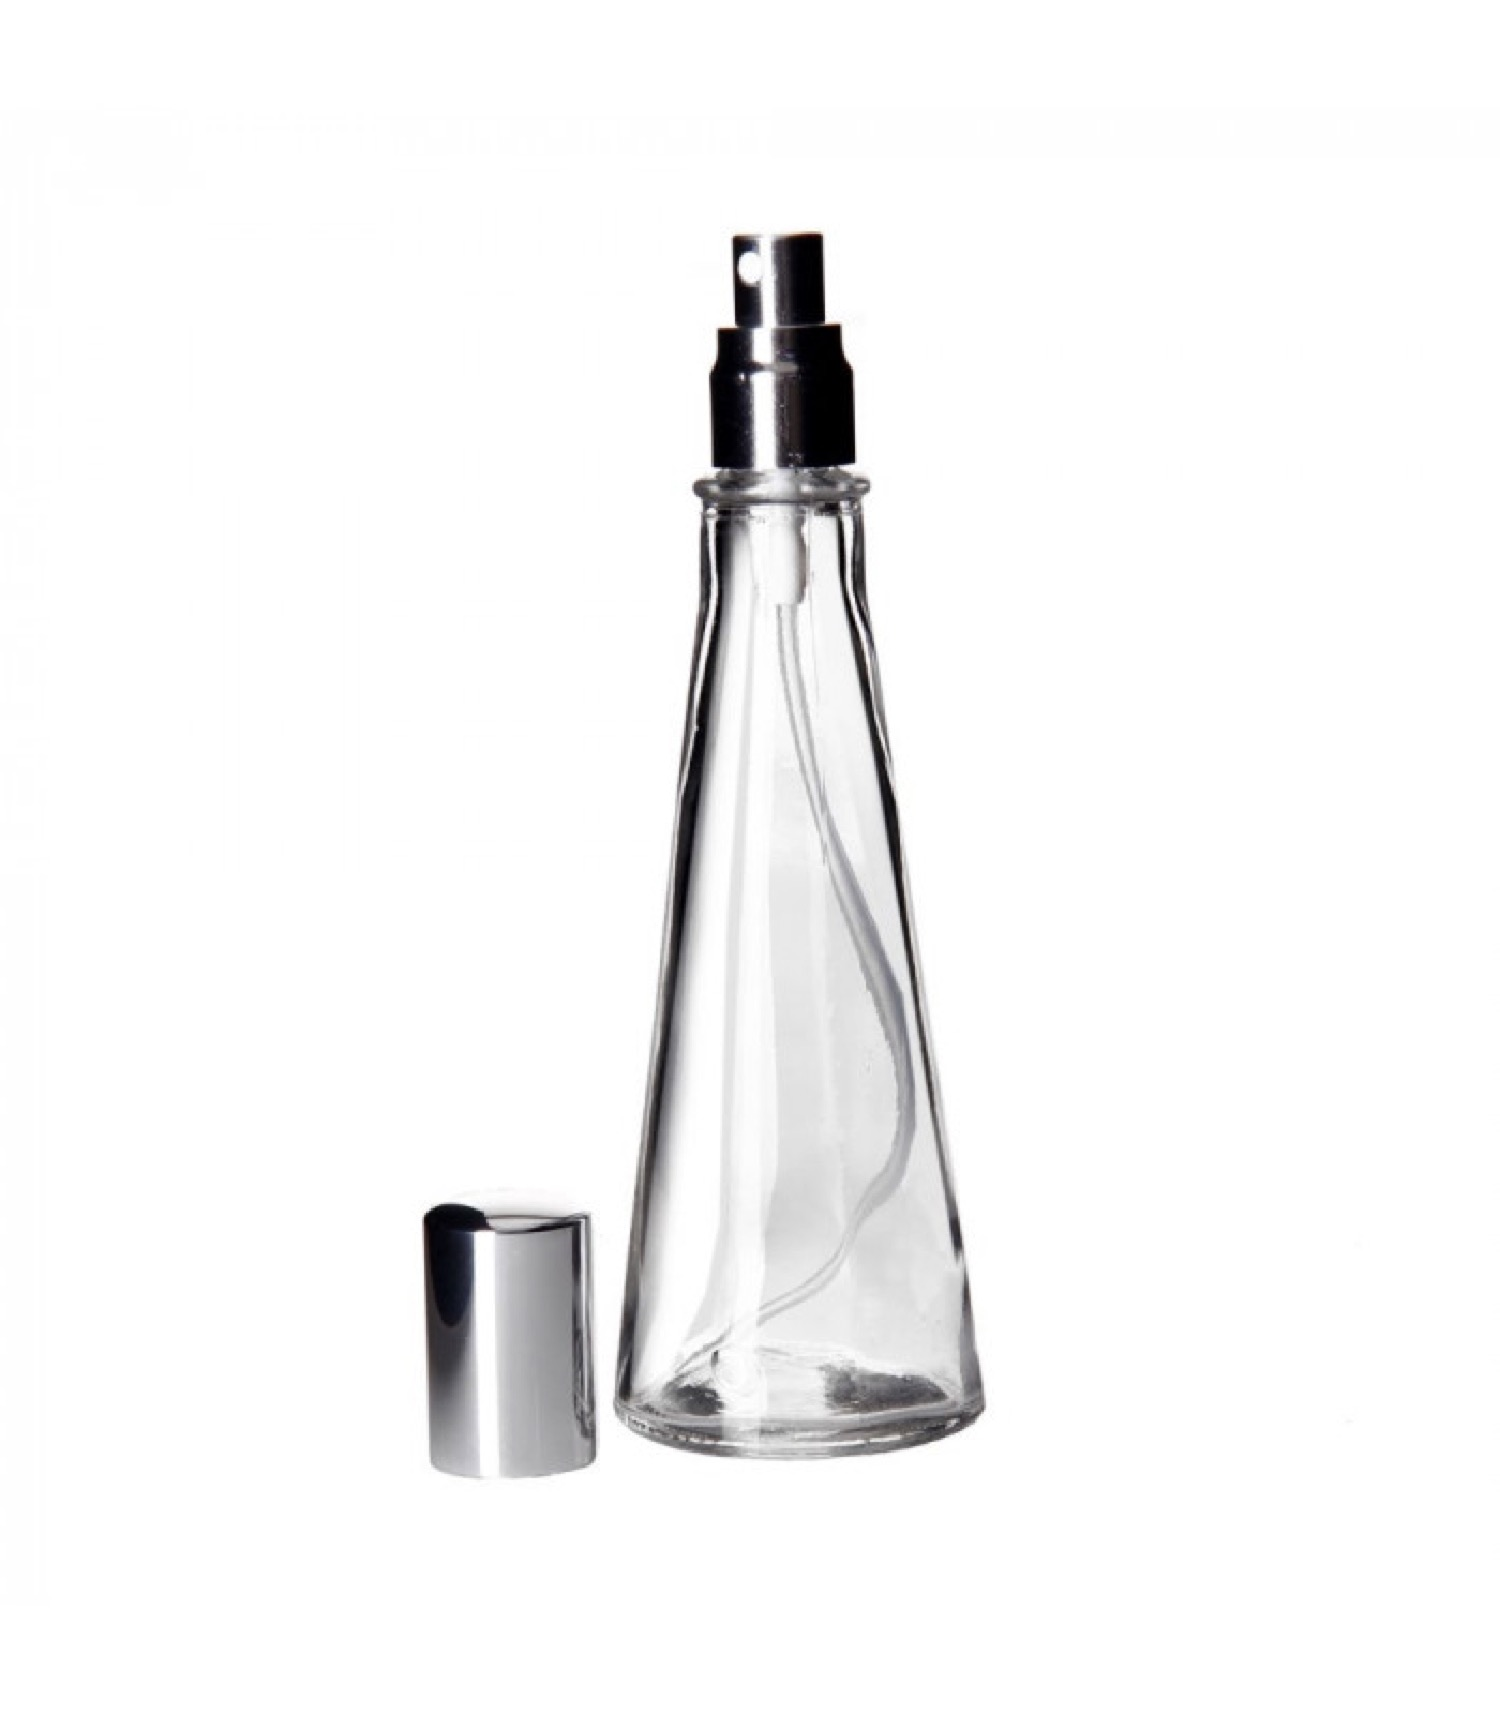 Bouteille spray huile ou vinaigre en verre transparent 180ml